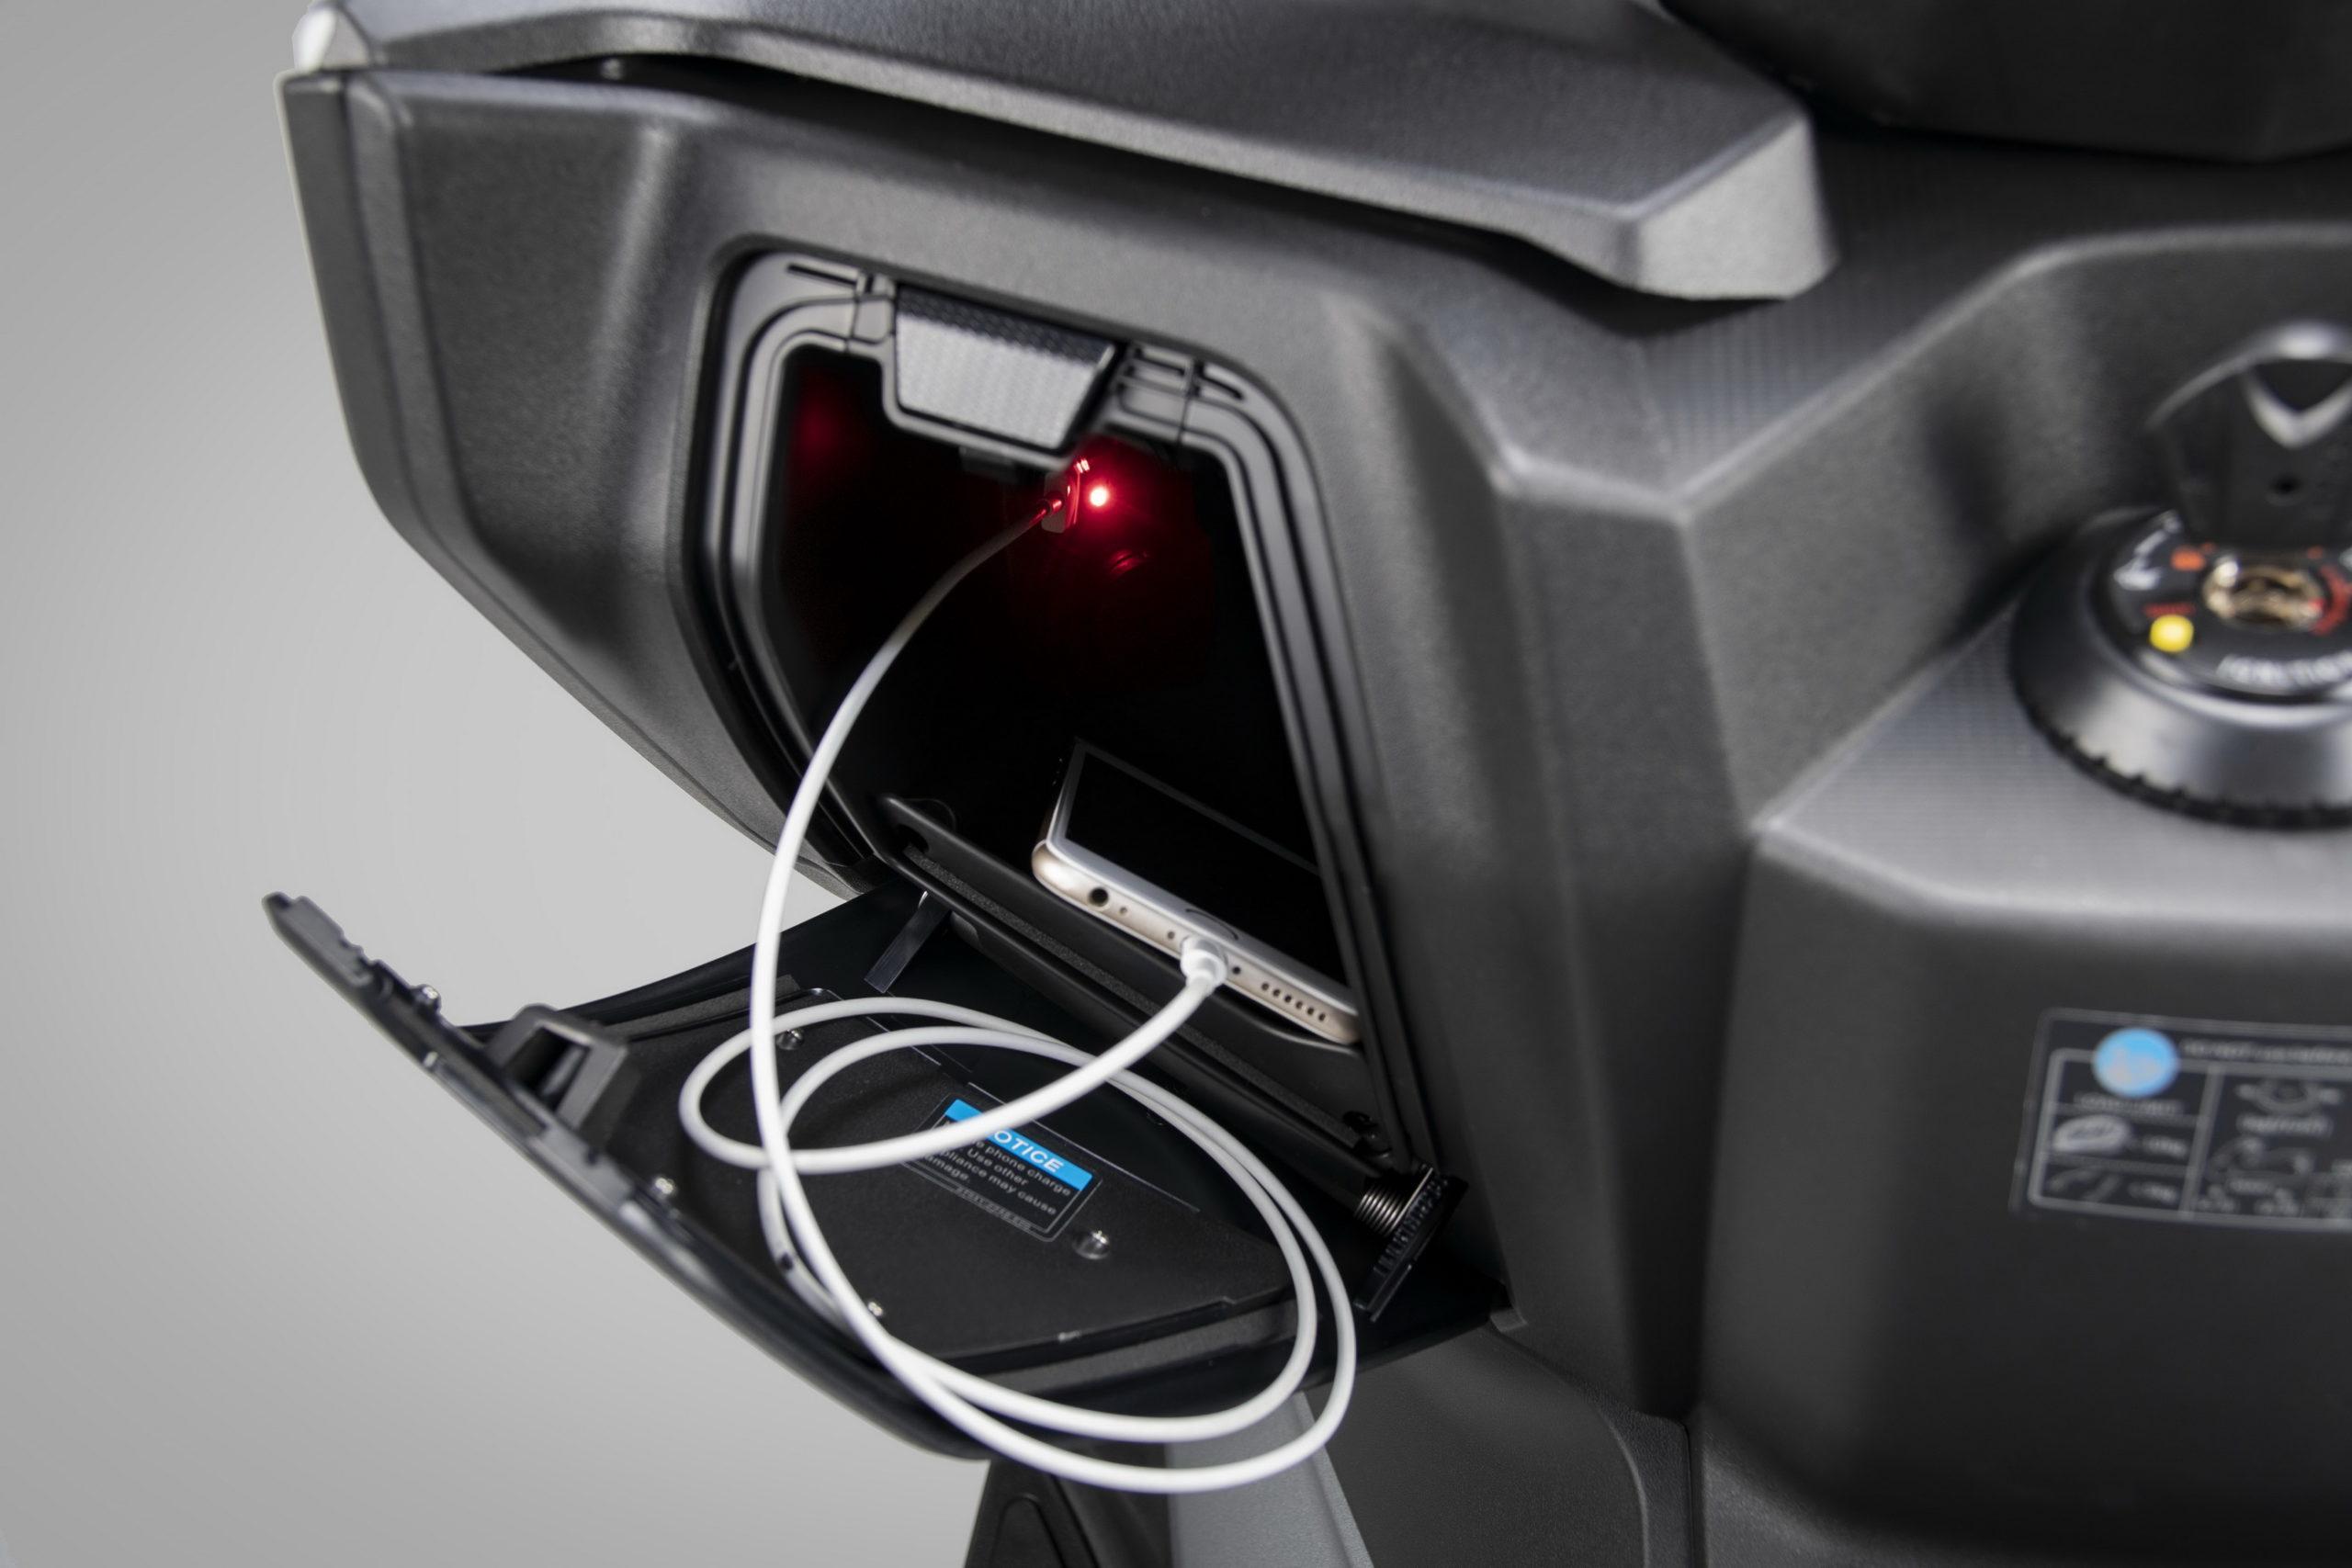 Θύρα USB 12V στον αποθηκευτικό χώρο κάτω από το τιμόνι